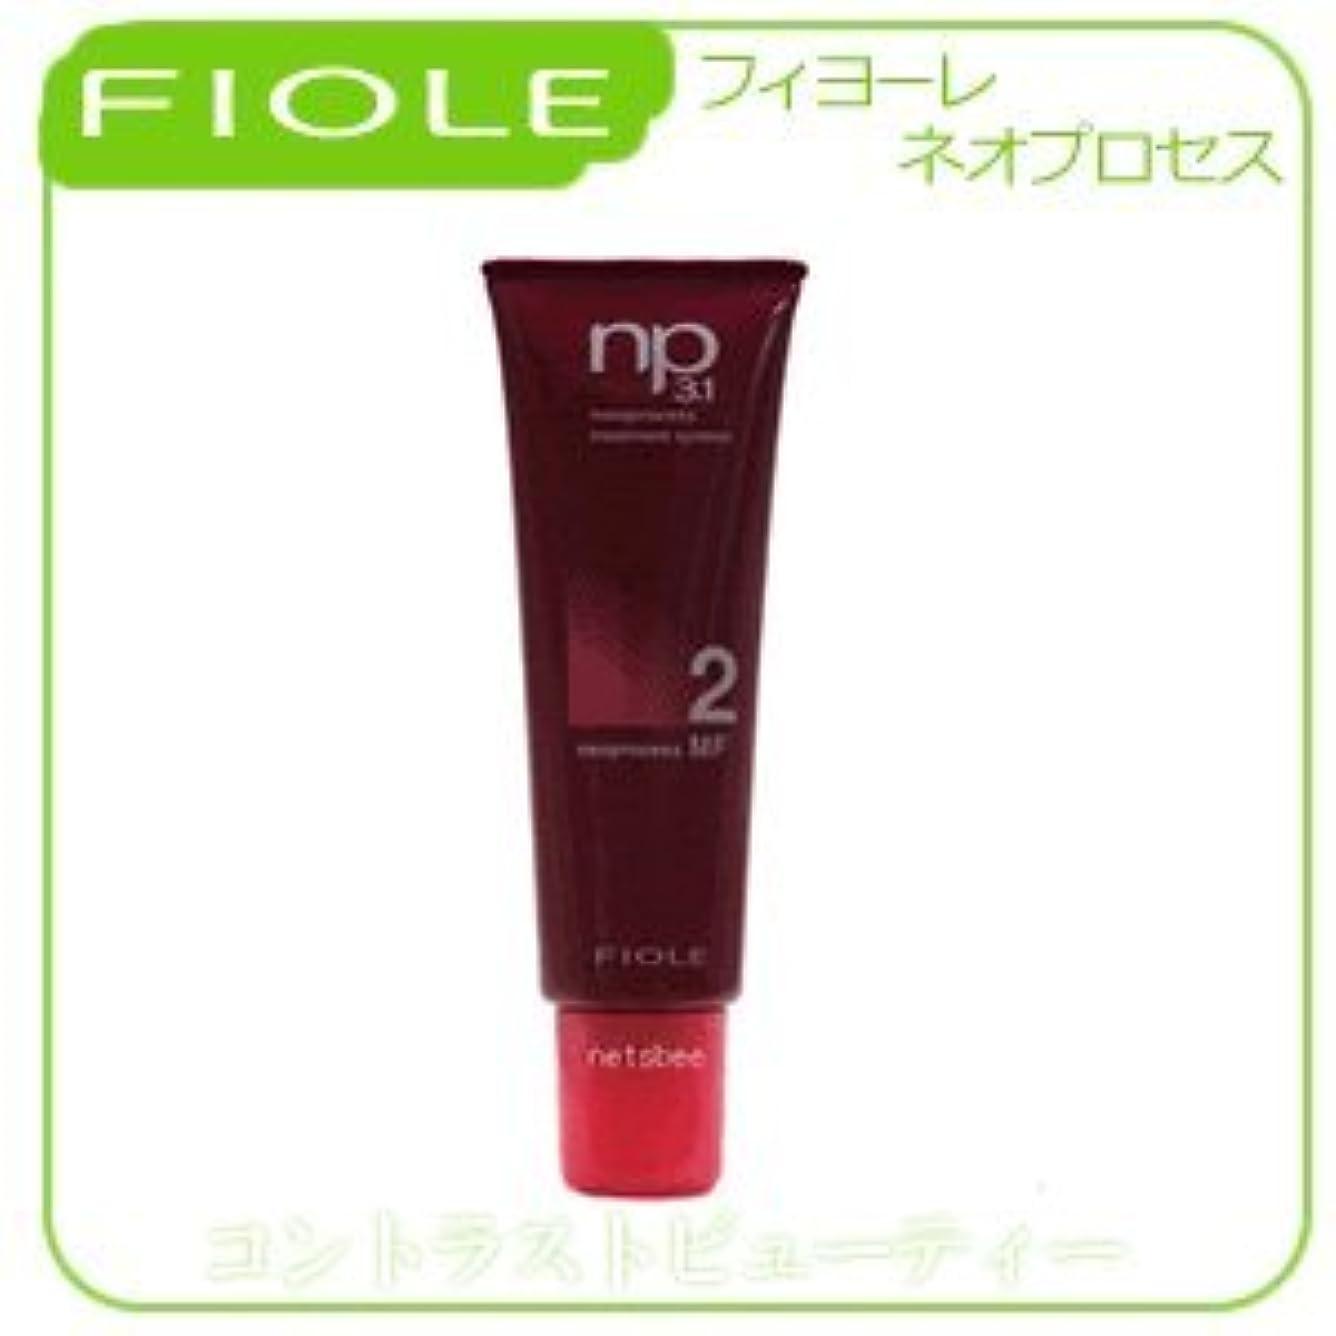 誘導異形ダイエット【X3個セット】 フィヨーレ NP3.1 ネオプロセス MF2 130g FIOLE ネオプロセス